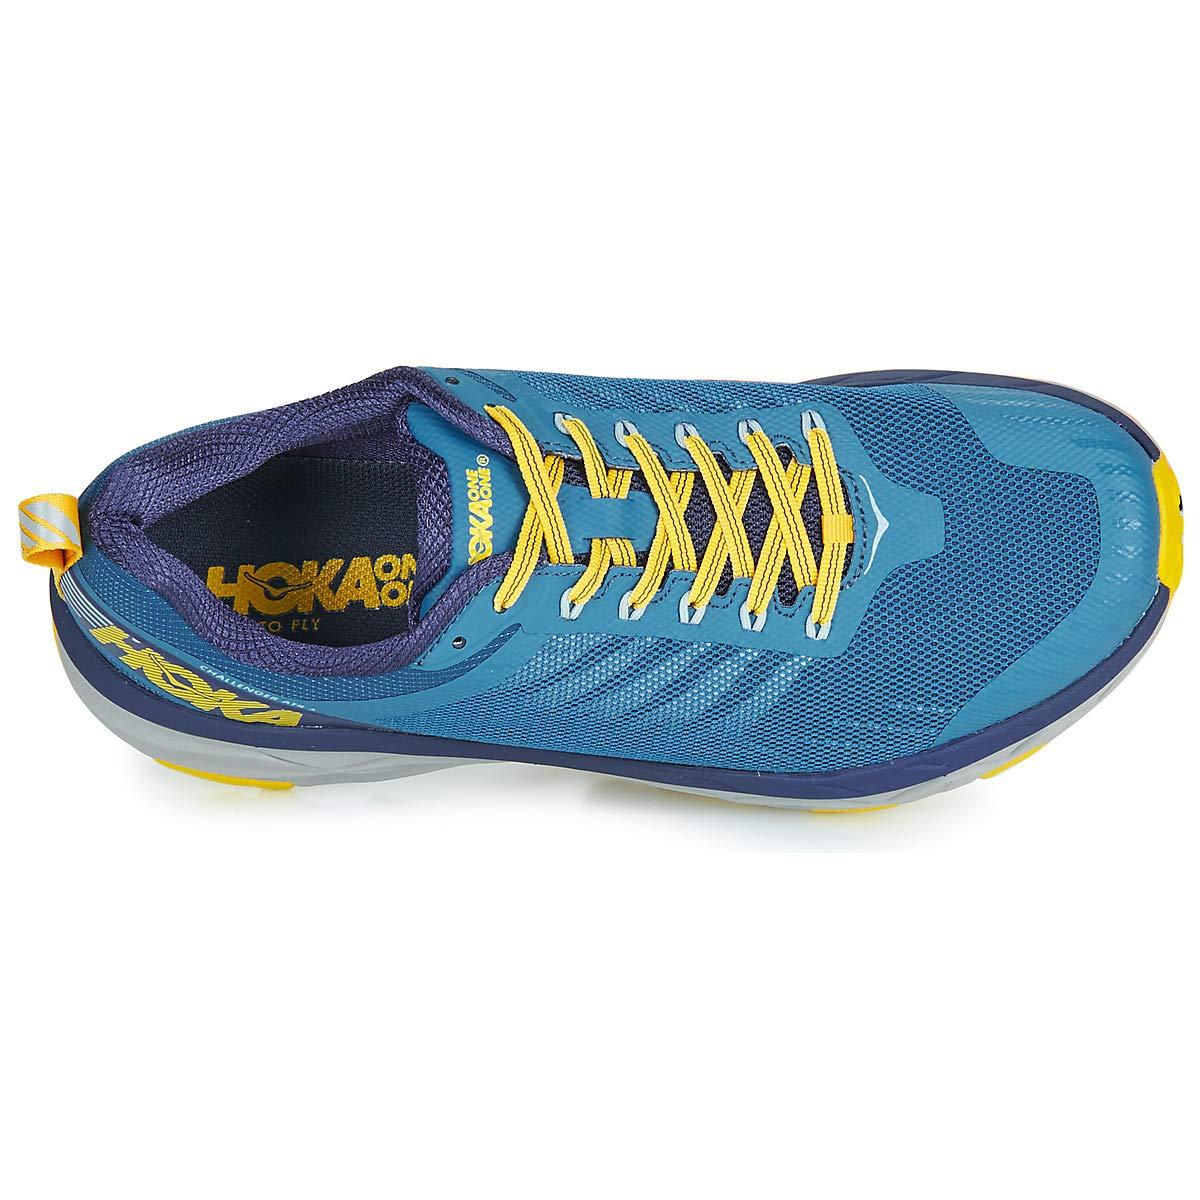 Hoka One One Challenger ATR 5 Running Shoes Herren Blue Sapphire//Patriot Blue 2019 Laufsport Schuhe